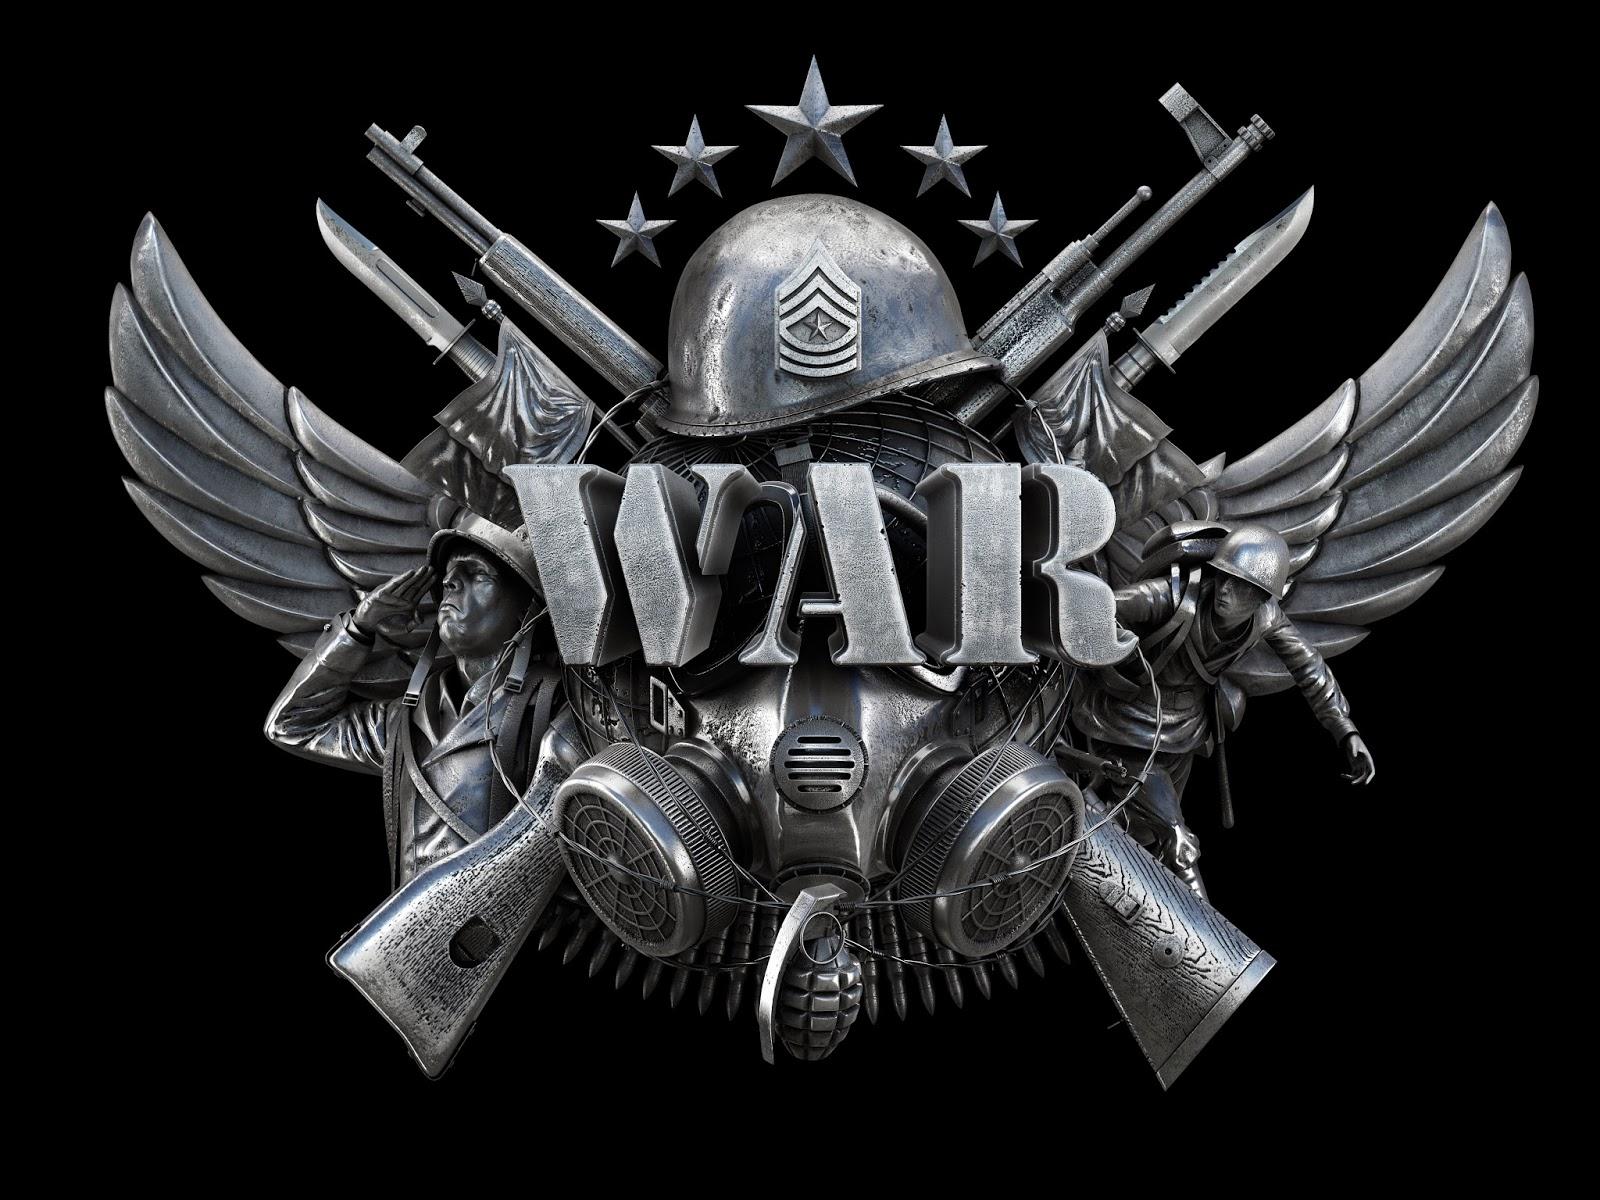 JAVIER PORCEL 3dArt WAR The Board Game Logo